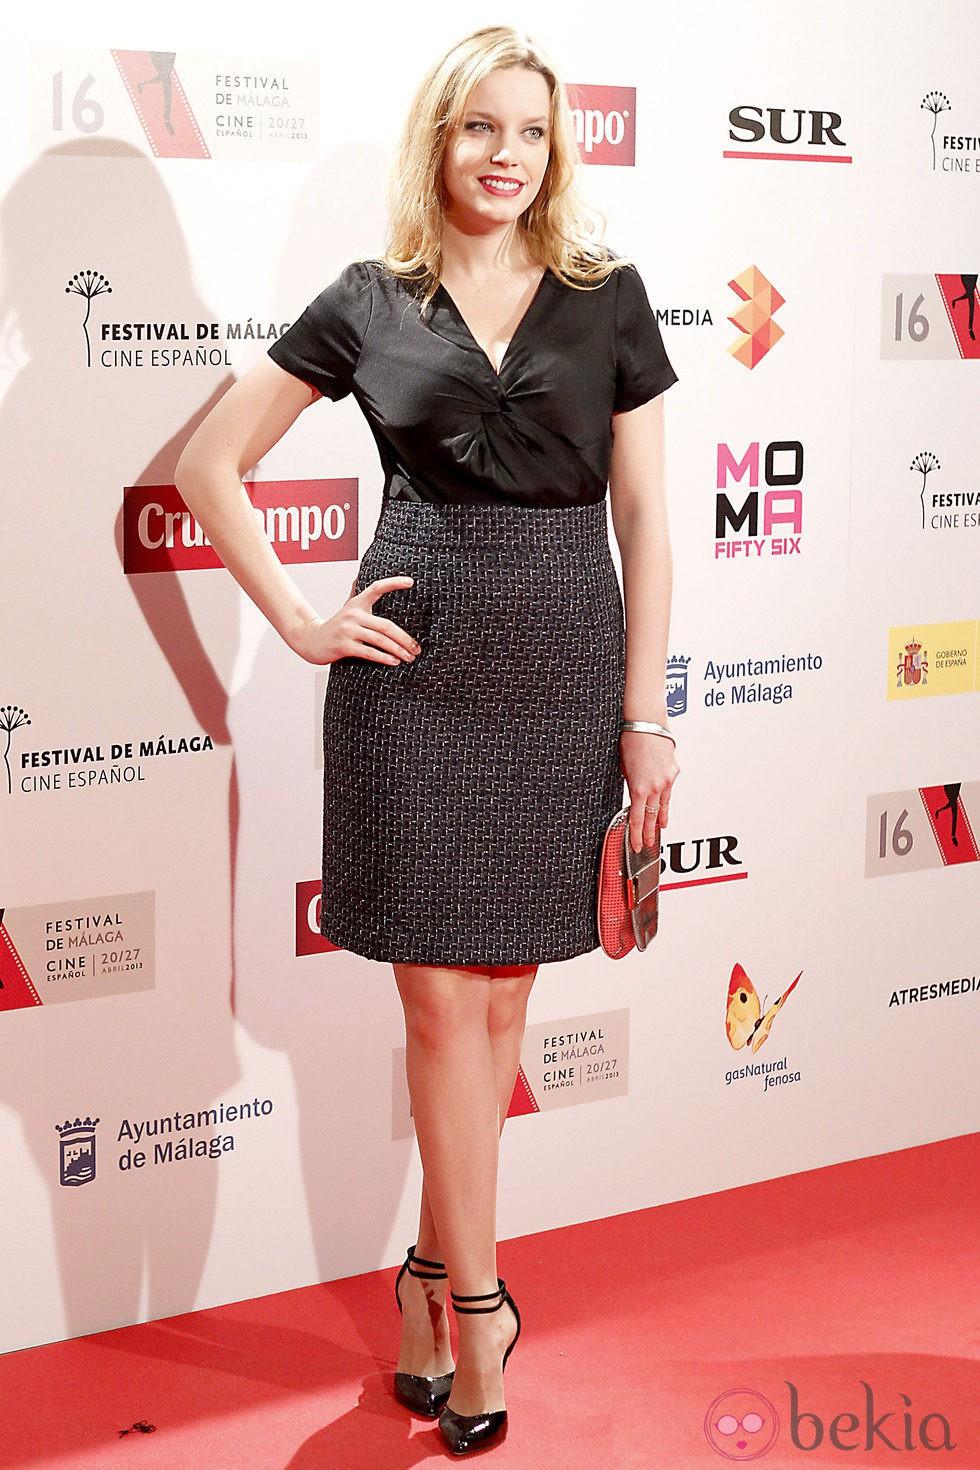 Carolina Bang en la presentación del Festival de Málaga 2013